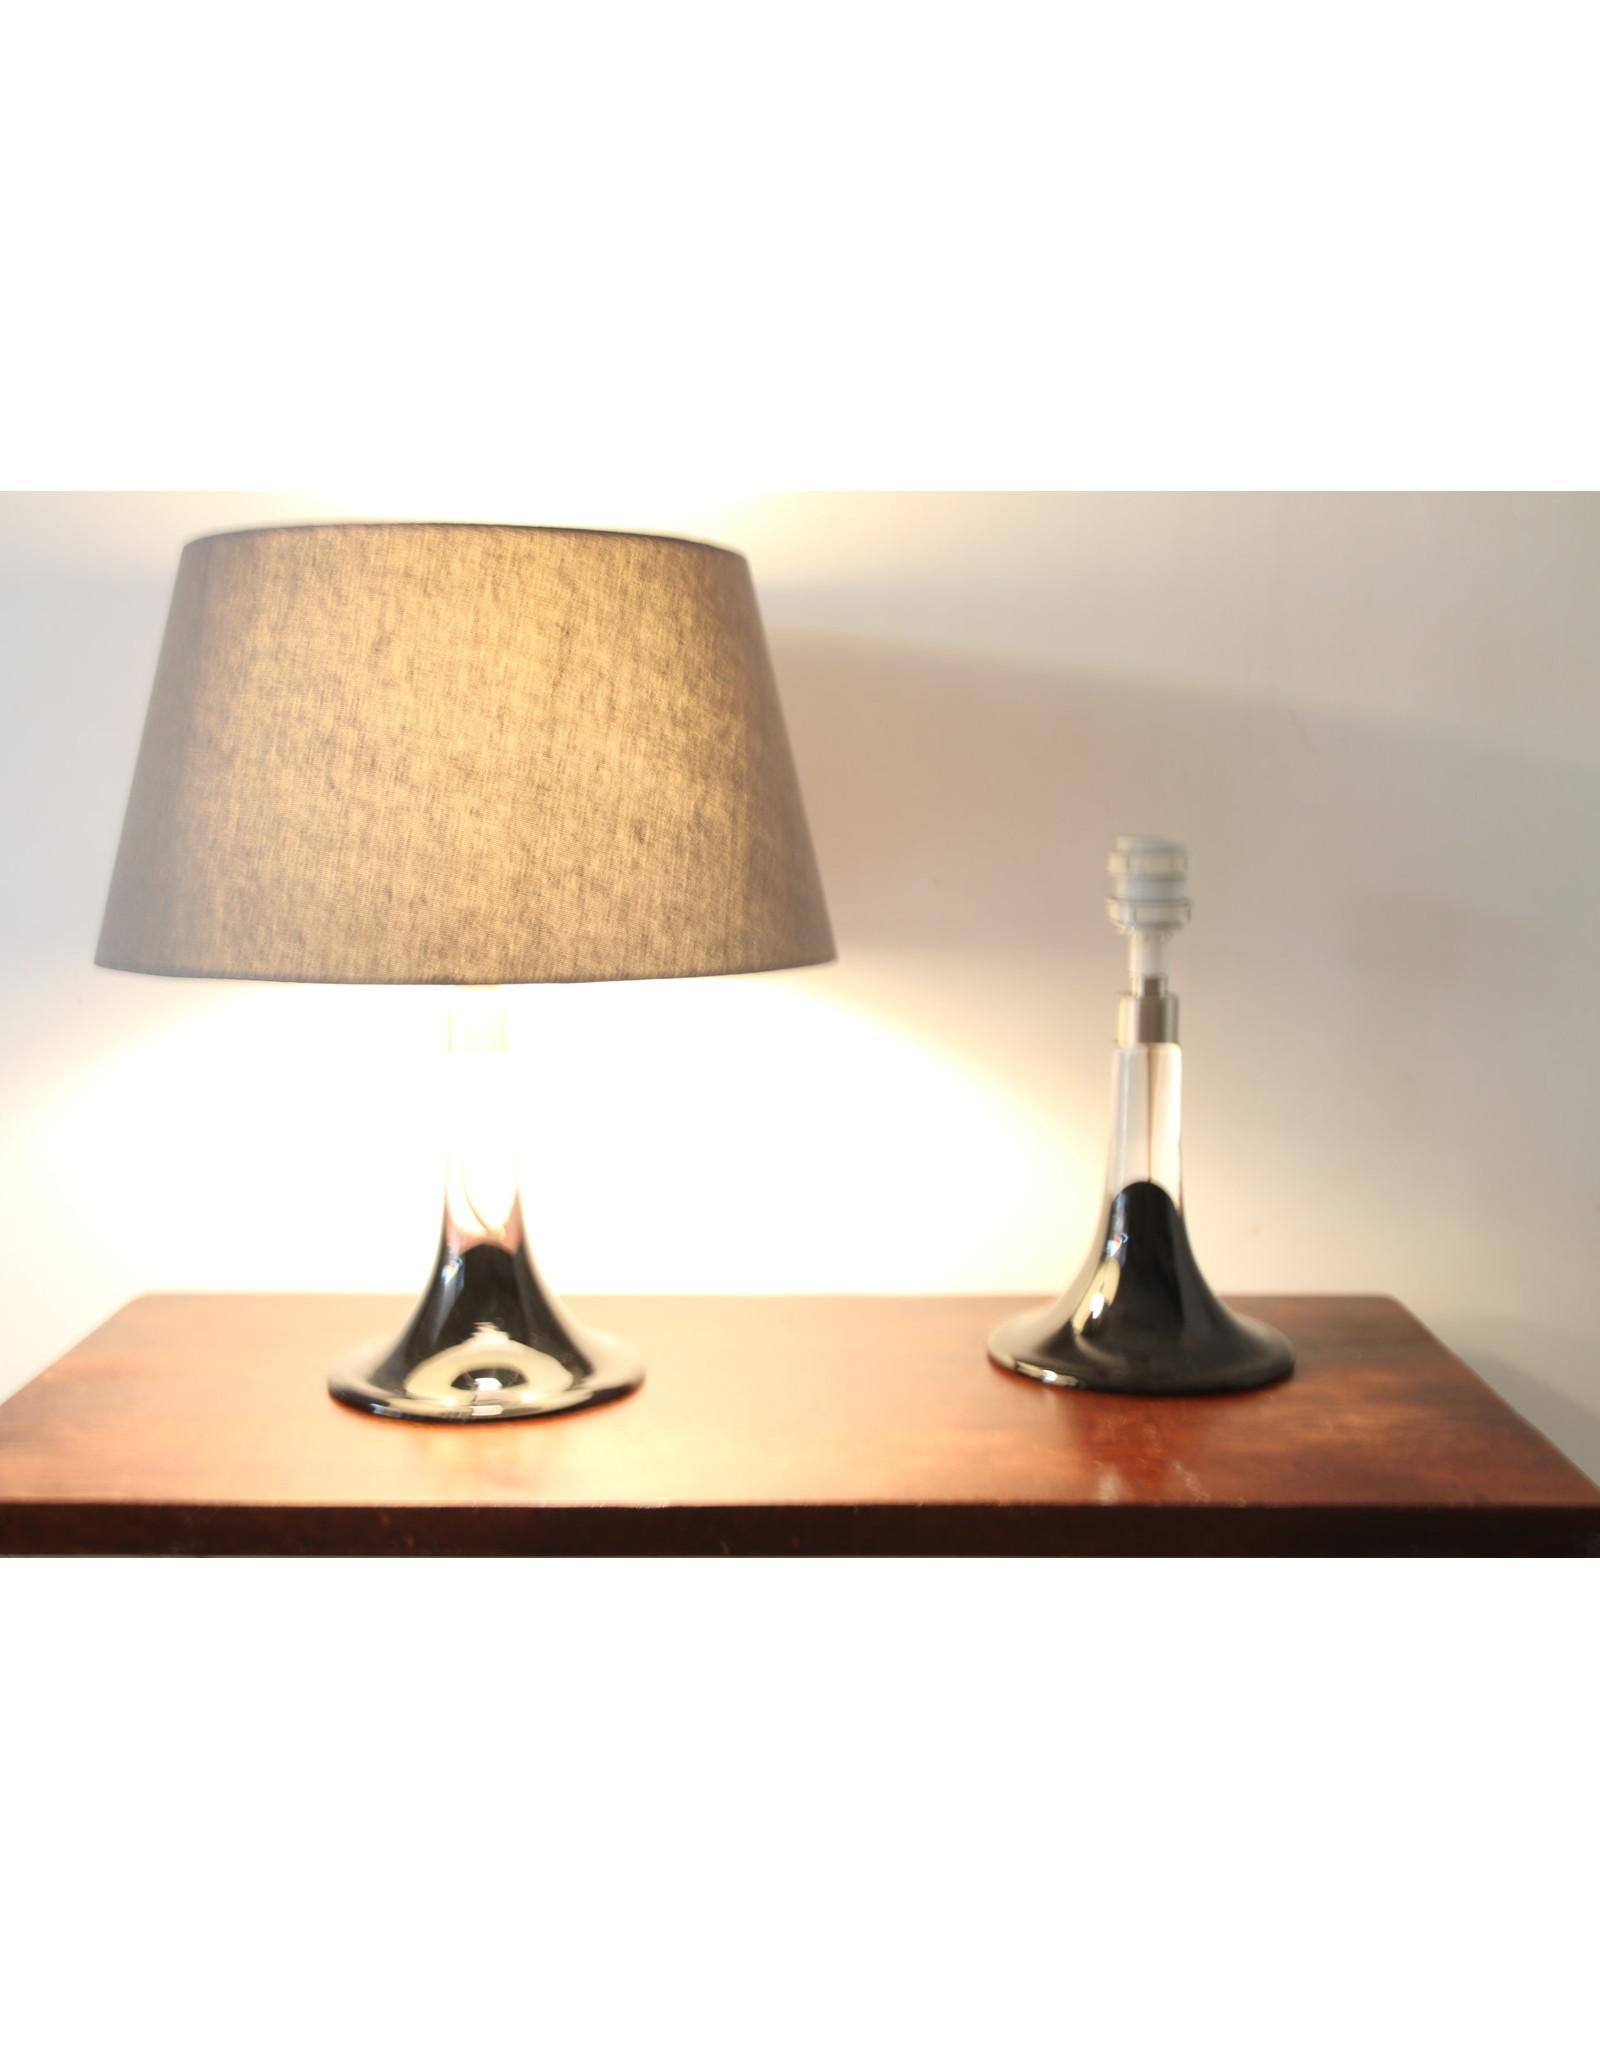 Glazen Lampen voeten Royal copehagen Model Lille